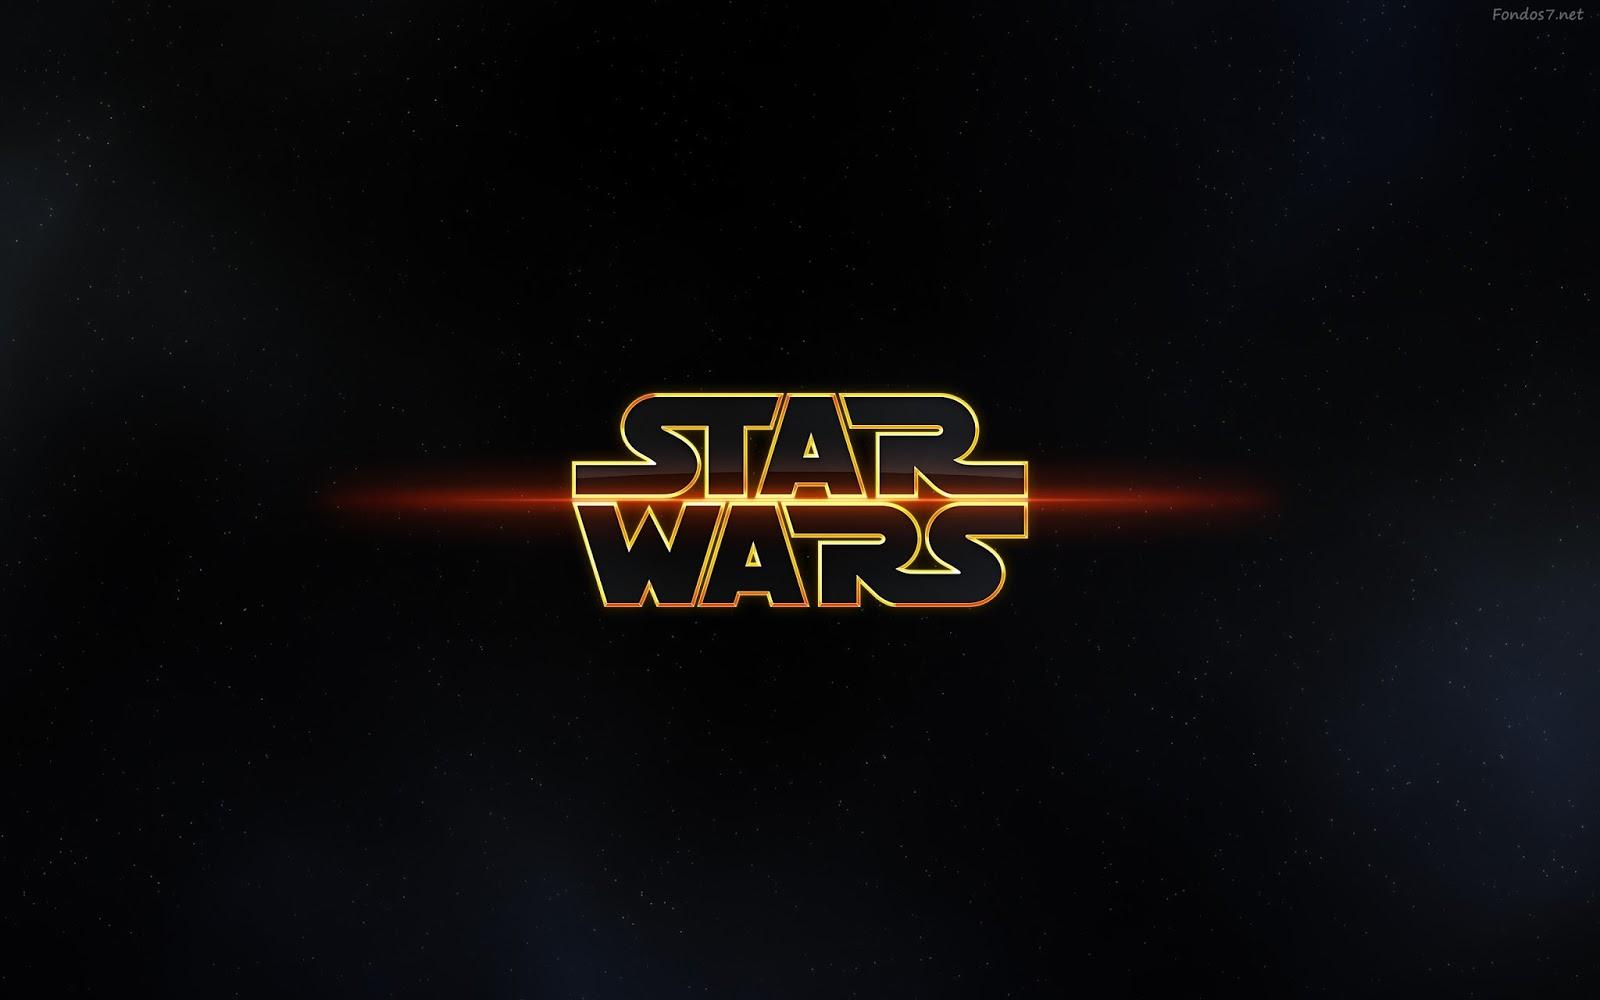 FONDOS Y POSTALES: Fondos de pantalla de Star Wars